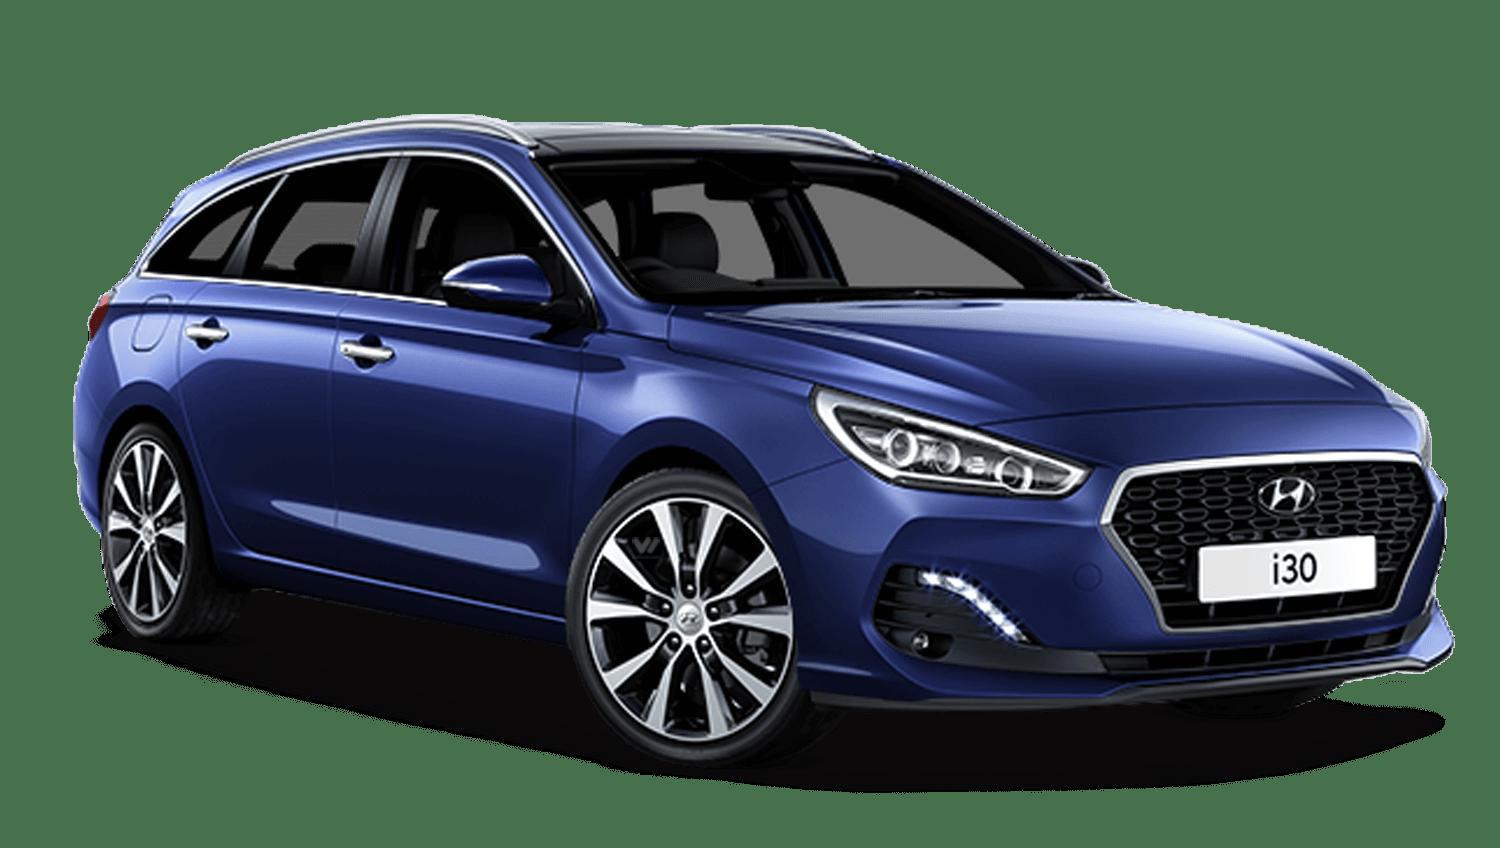 Stellar Blue Hyundai I30 Tourer